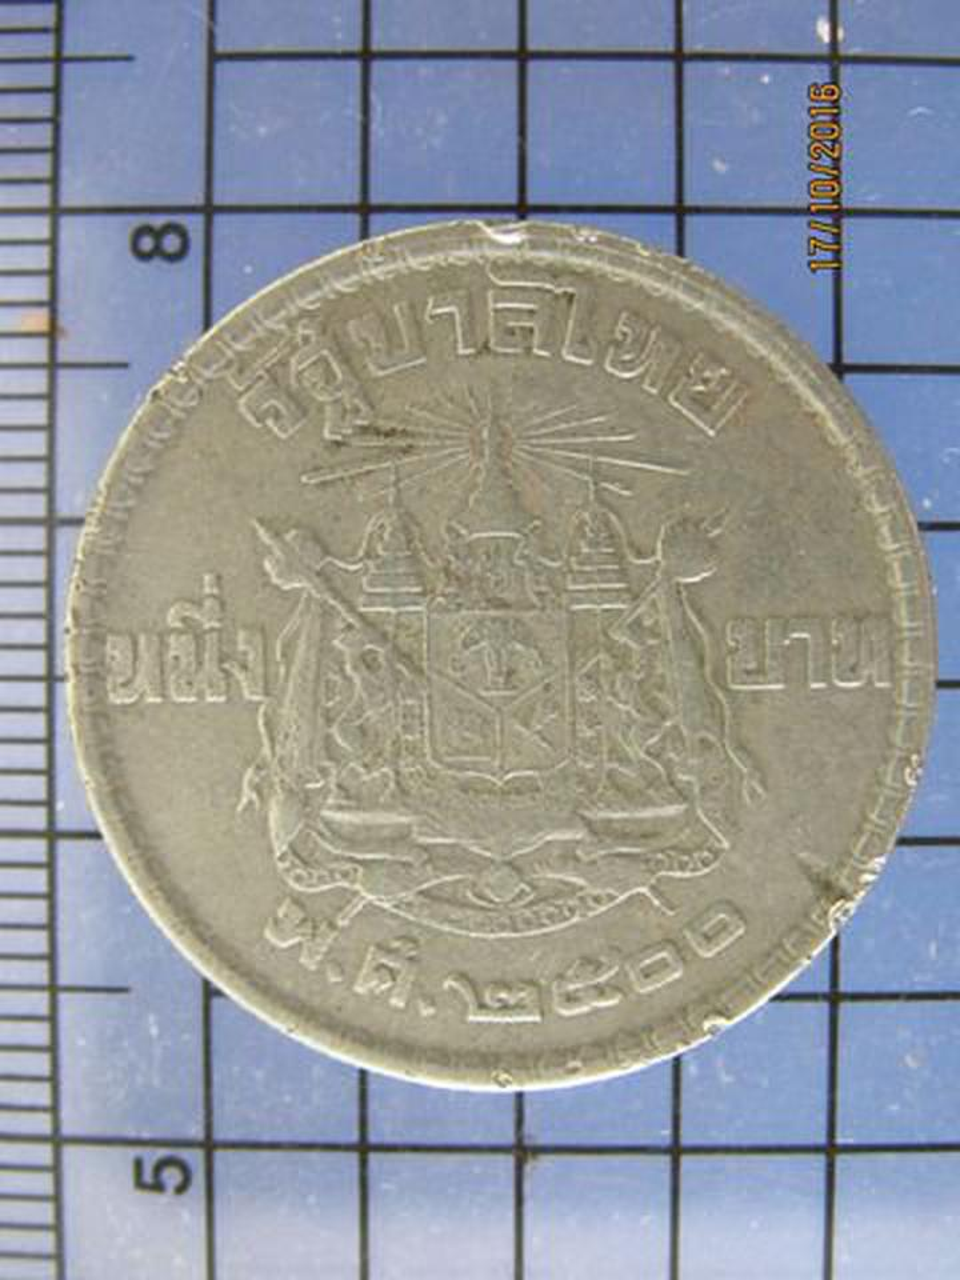 99 เหรียญกษาปณ์(ชนิดทองขาวตราแผ่นดิน พ.ศ.2500) ราคา 1 บาท  รูปที่ 1